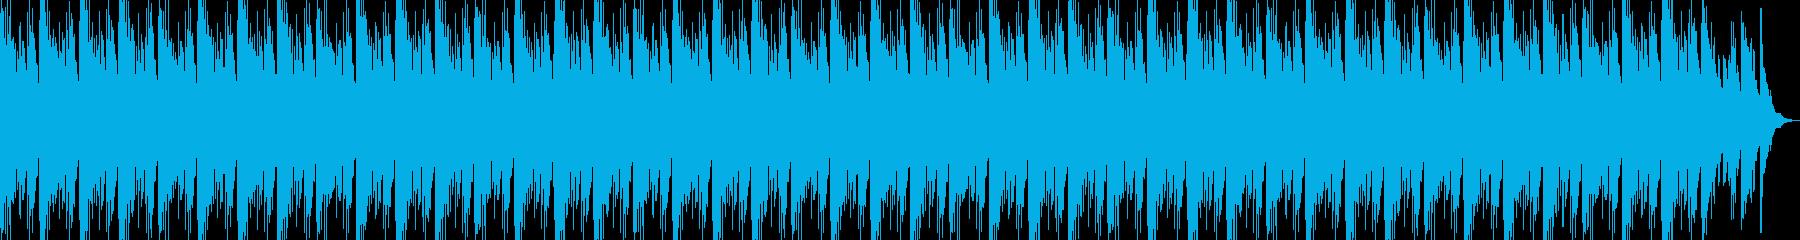 琴が綺麗な和風ジングルの再生済みの波形